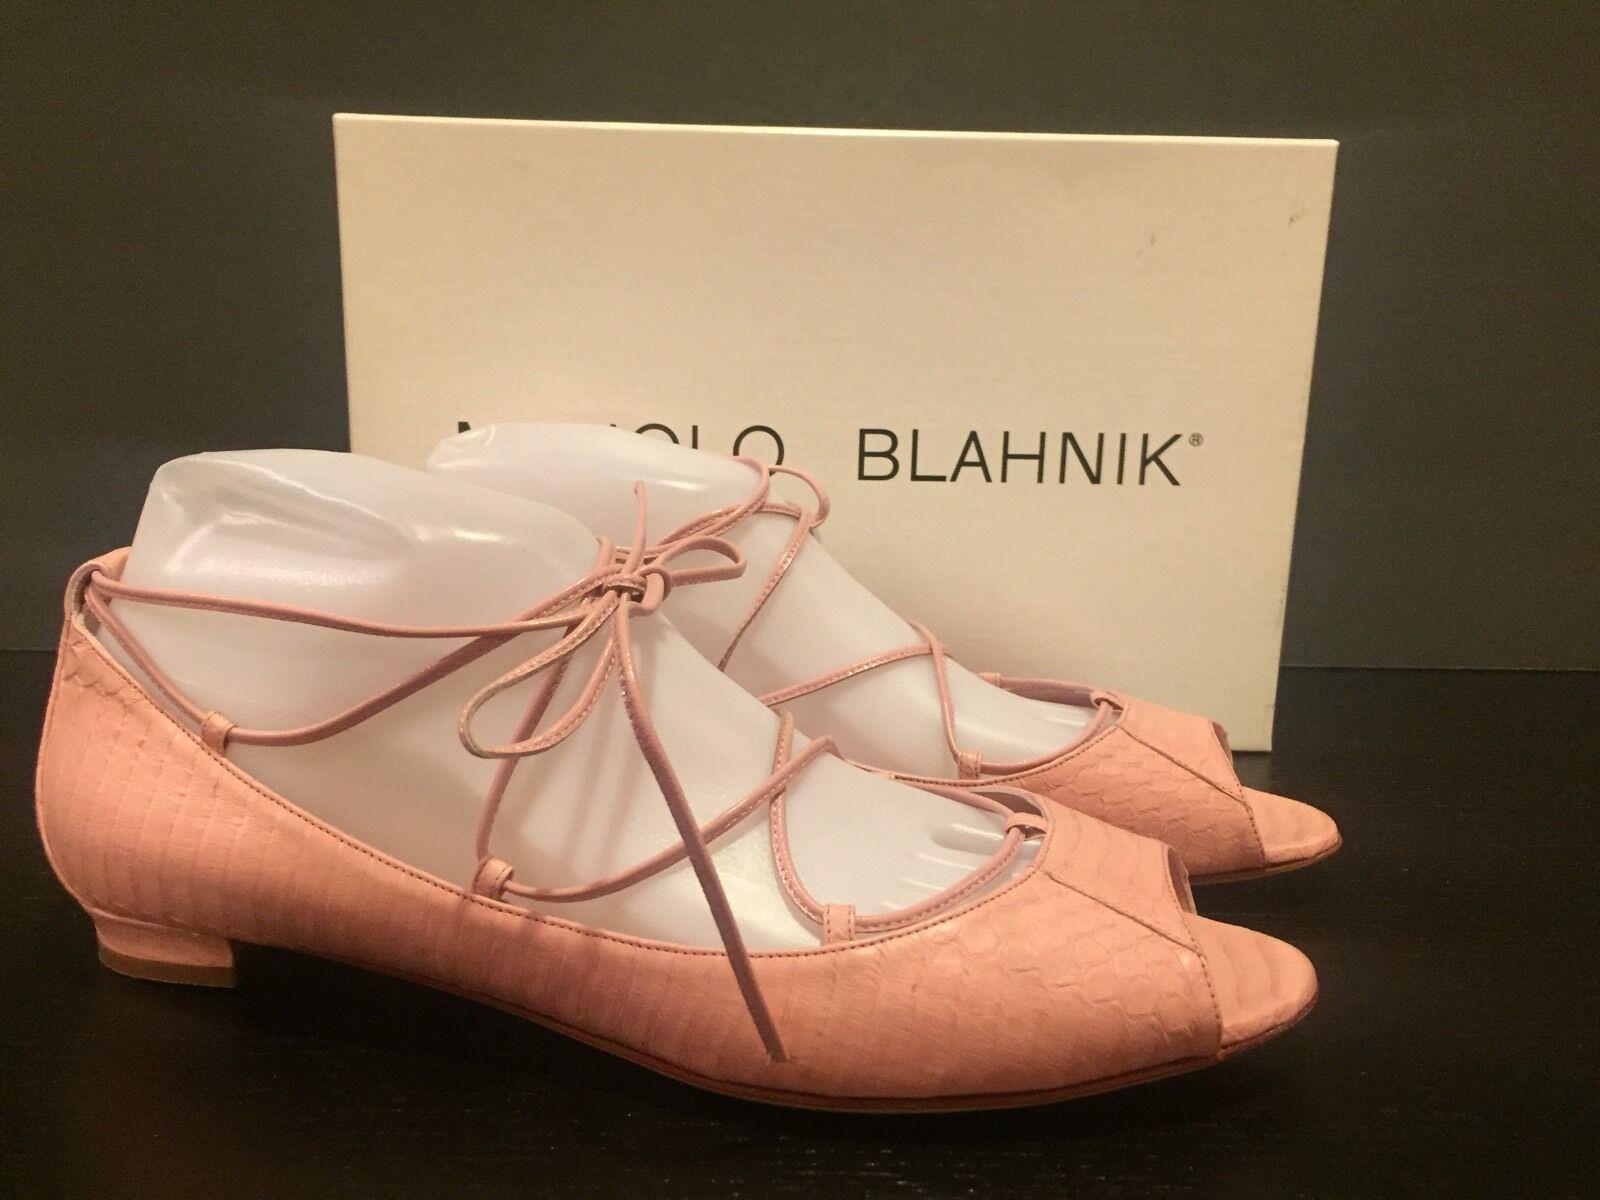 Manolo Manolo Manolo Blahnik Aneska Ballet Flats Leather Snake Print rose 39.5 9.5 NWB  795 5b2ba1